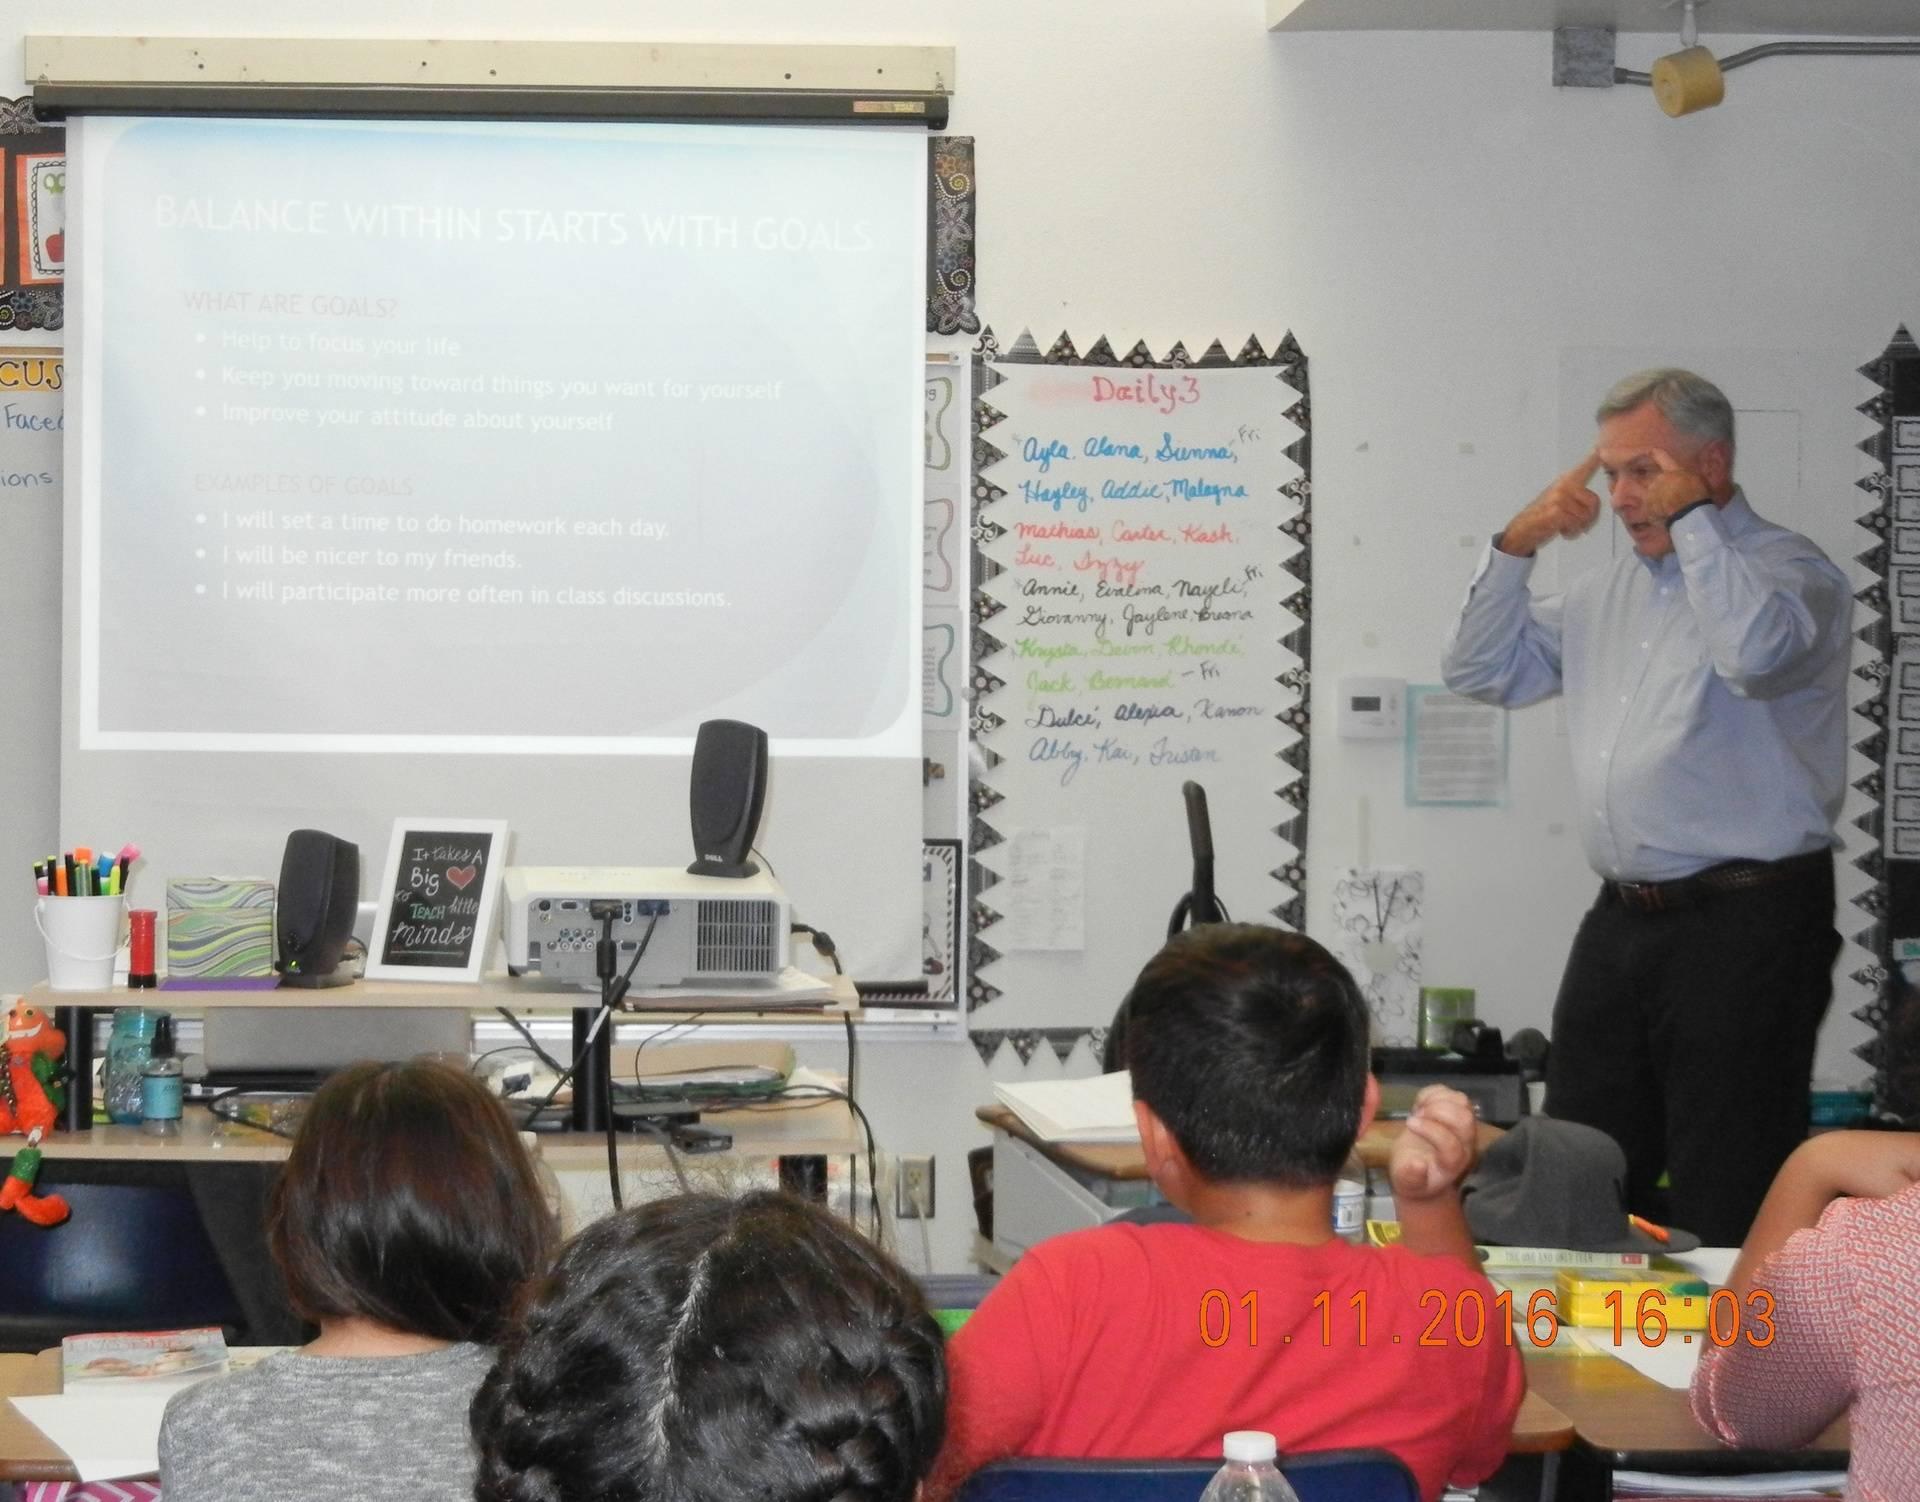 Speaking at McAuliffe Elementary School, Oceanside, CA